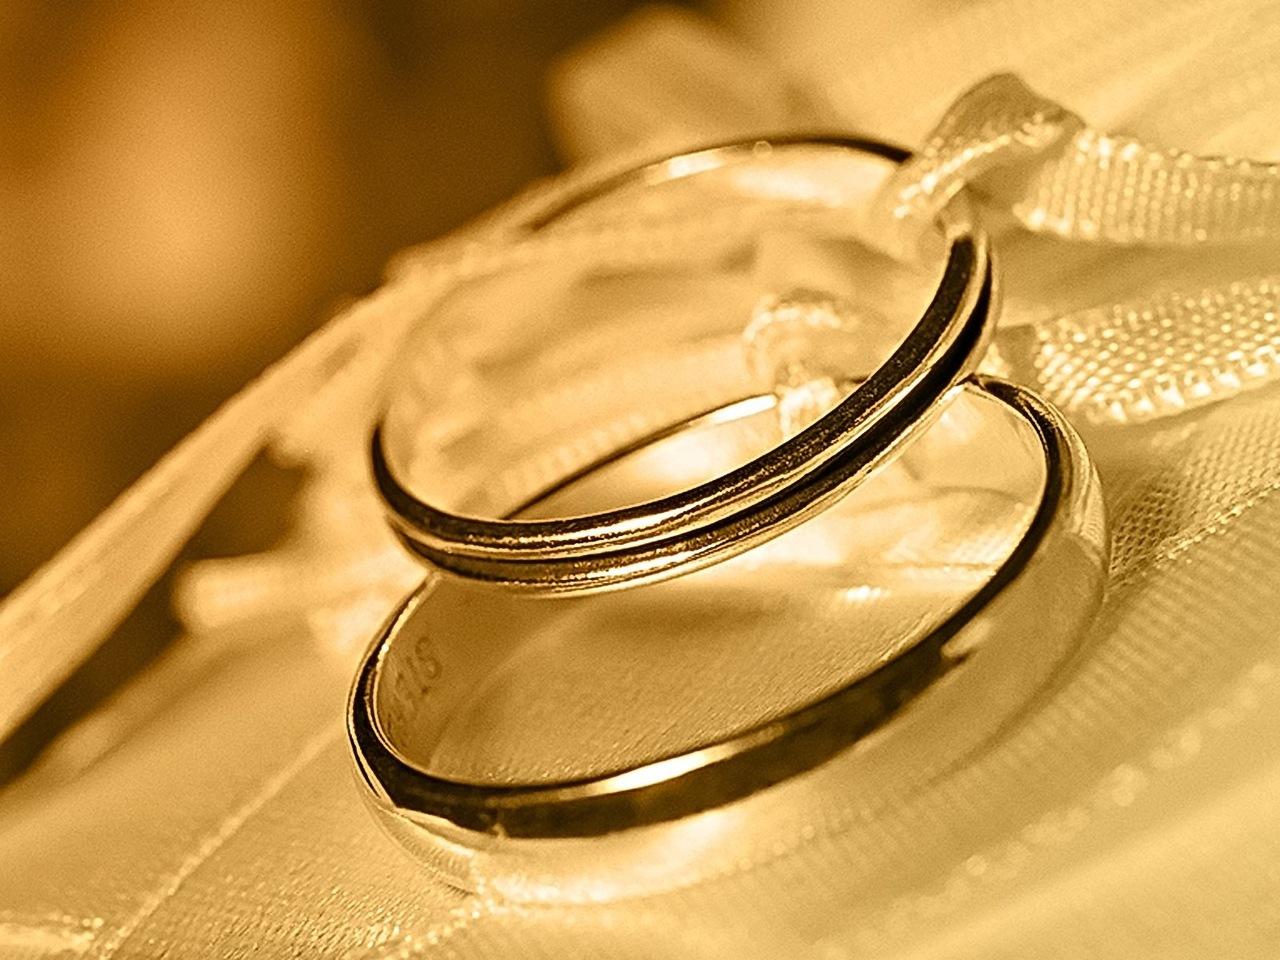 В марте в Рубцовске зарегистрирован 81 брак